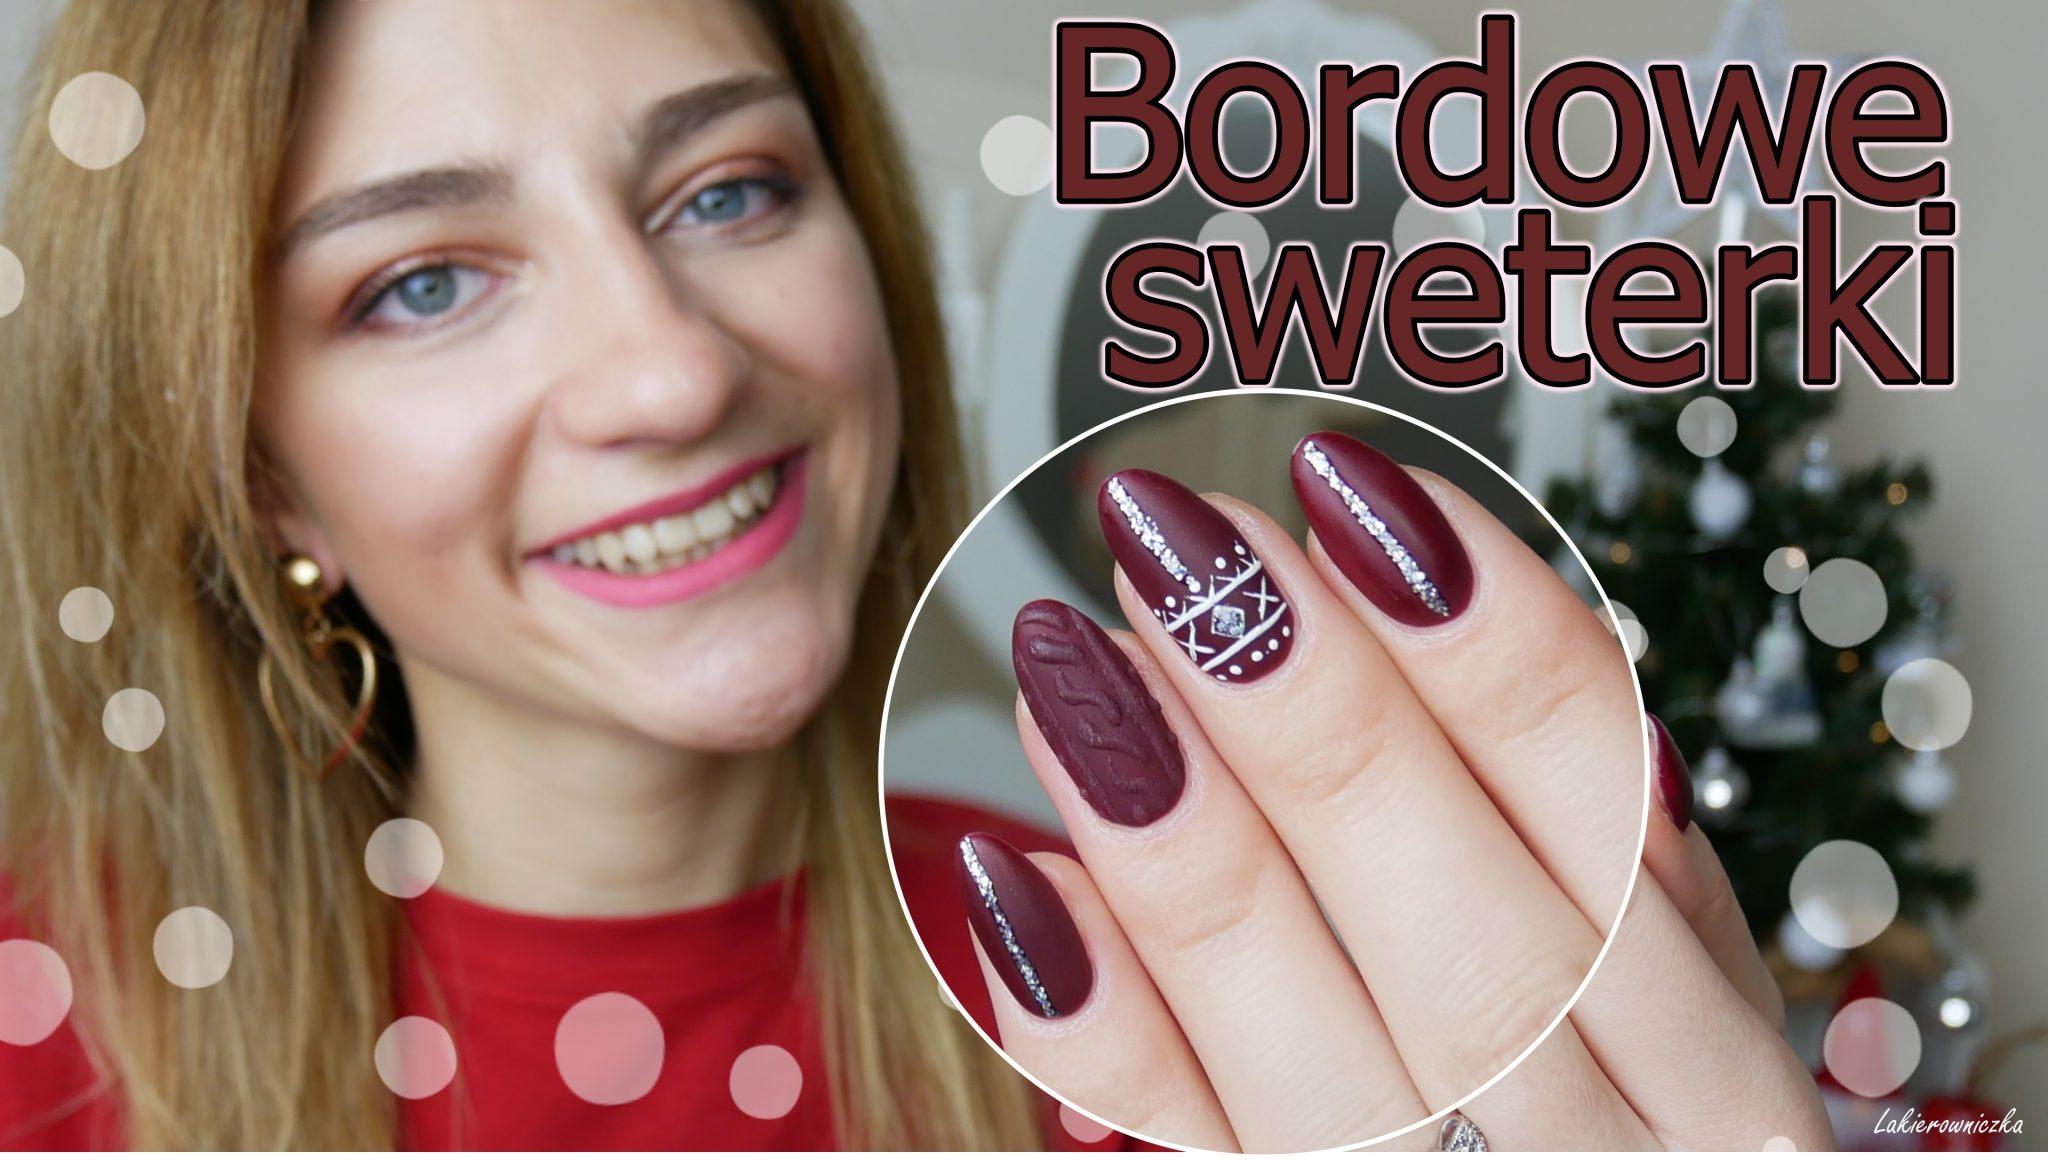 sweather-nails-bordowe-sweterki-na-paznokciach-Kinetics-Absolute-catch-Lakierowniczka